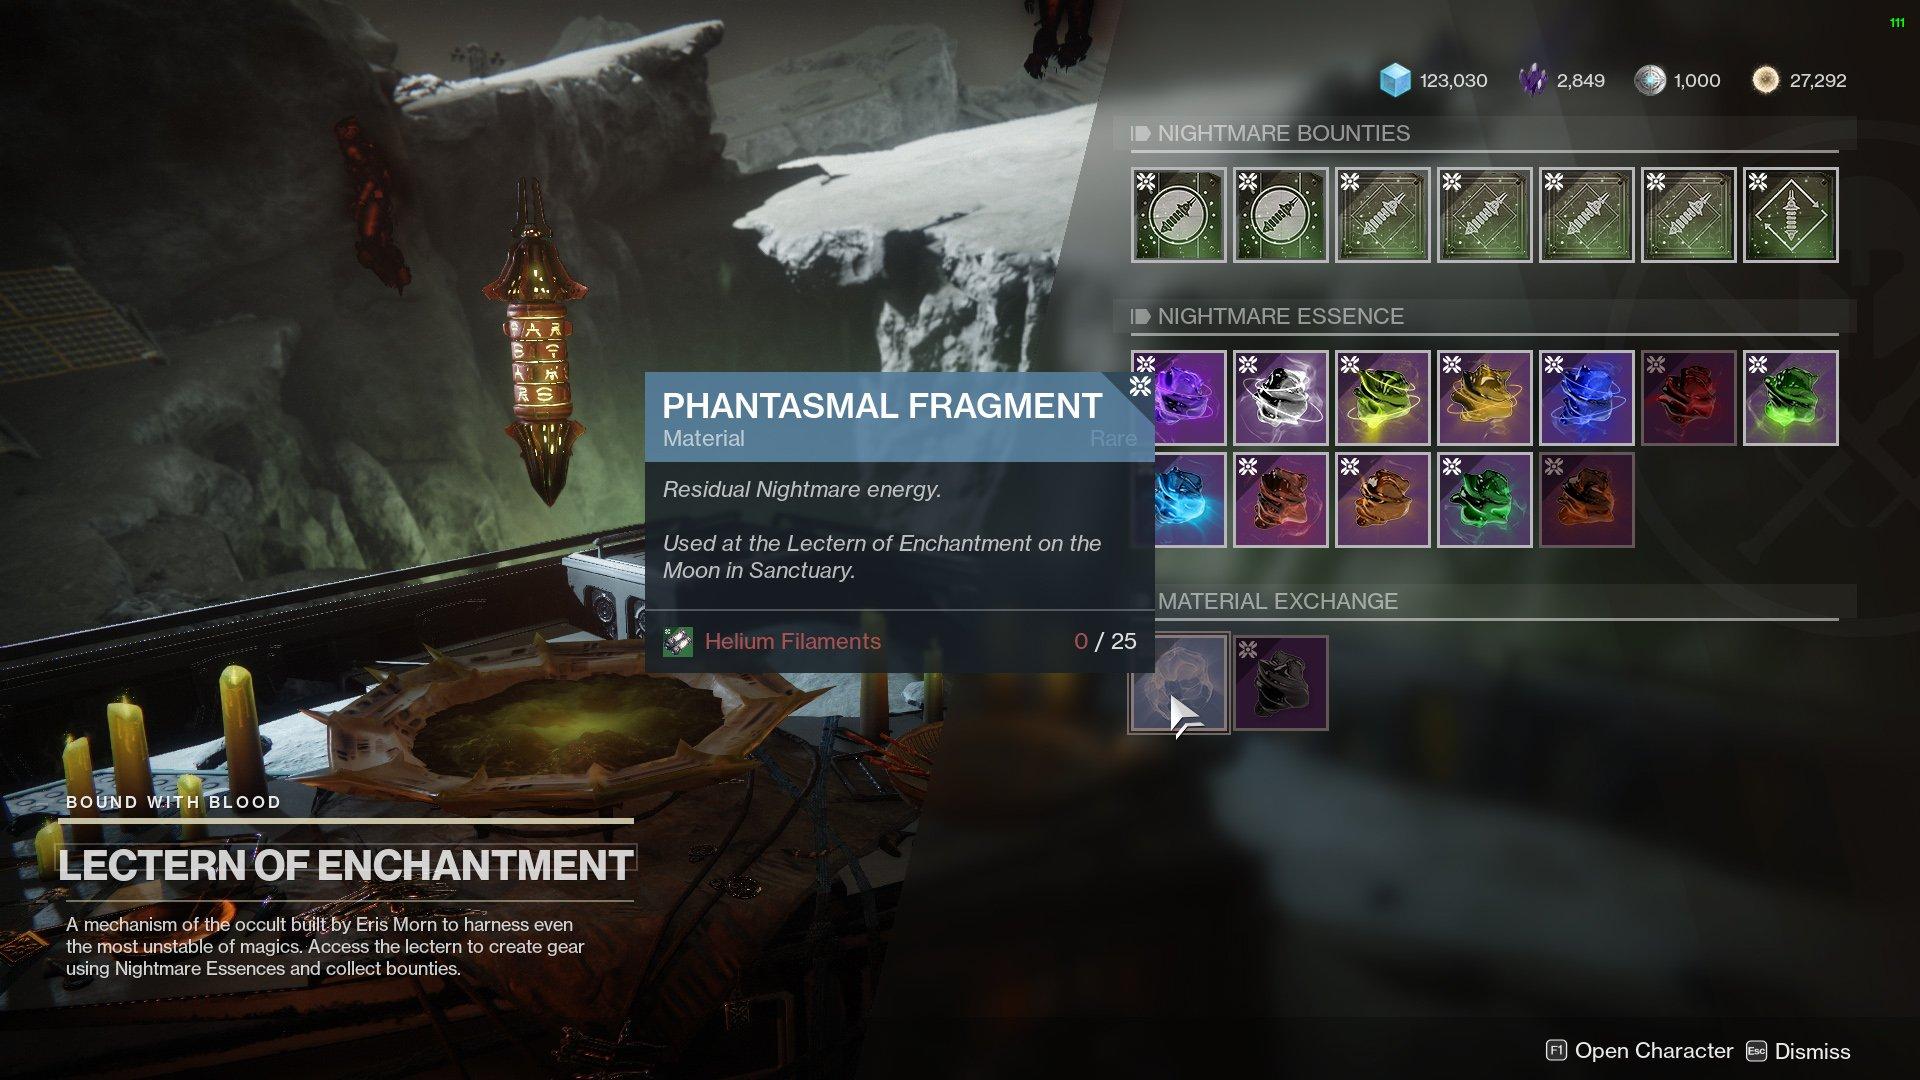 Destiny 2 Phantasmal Fragments